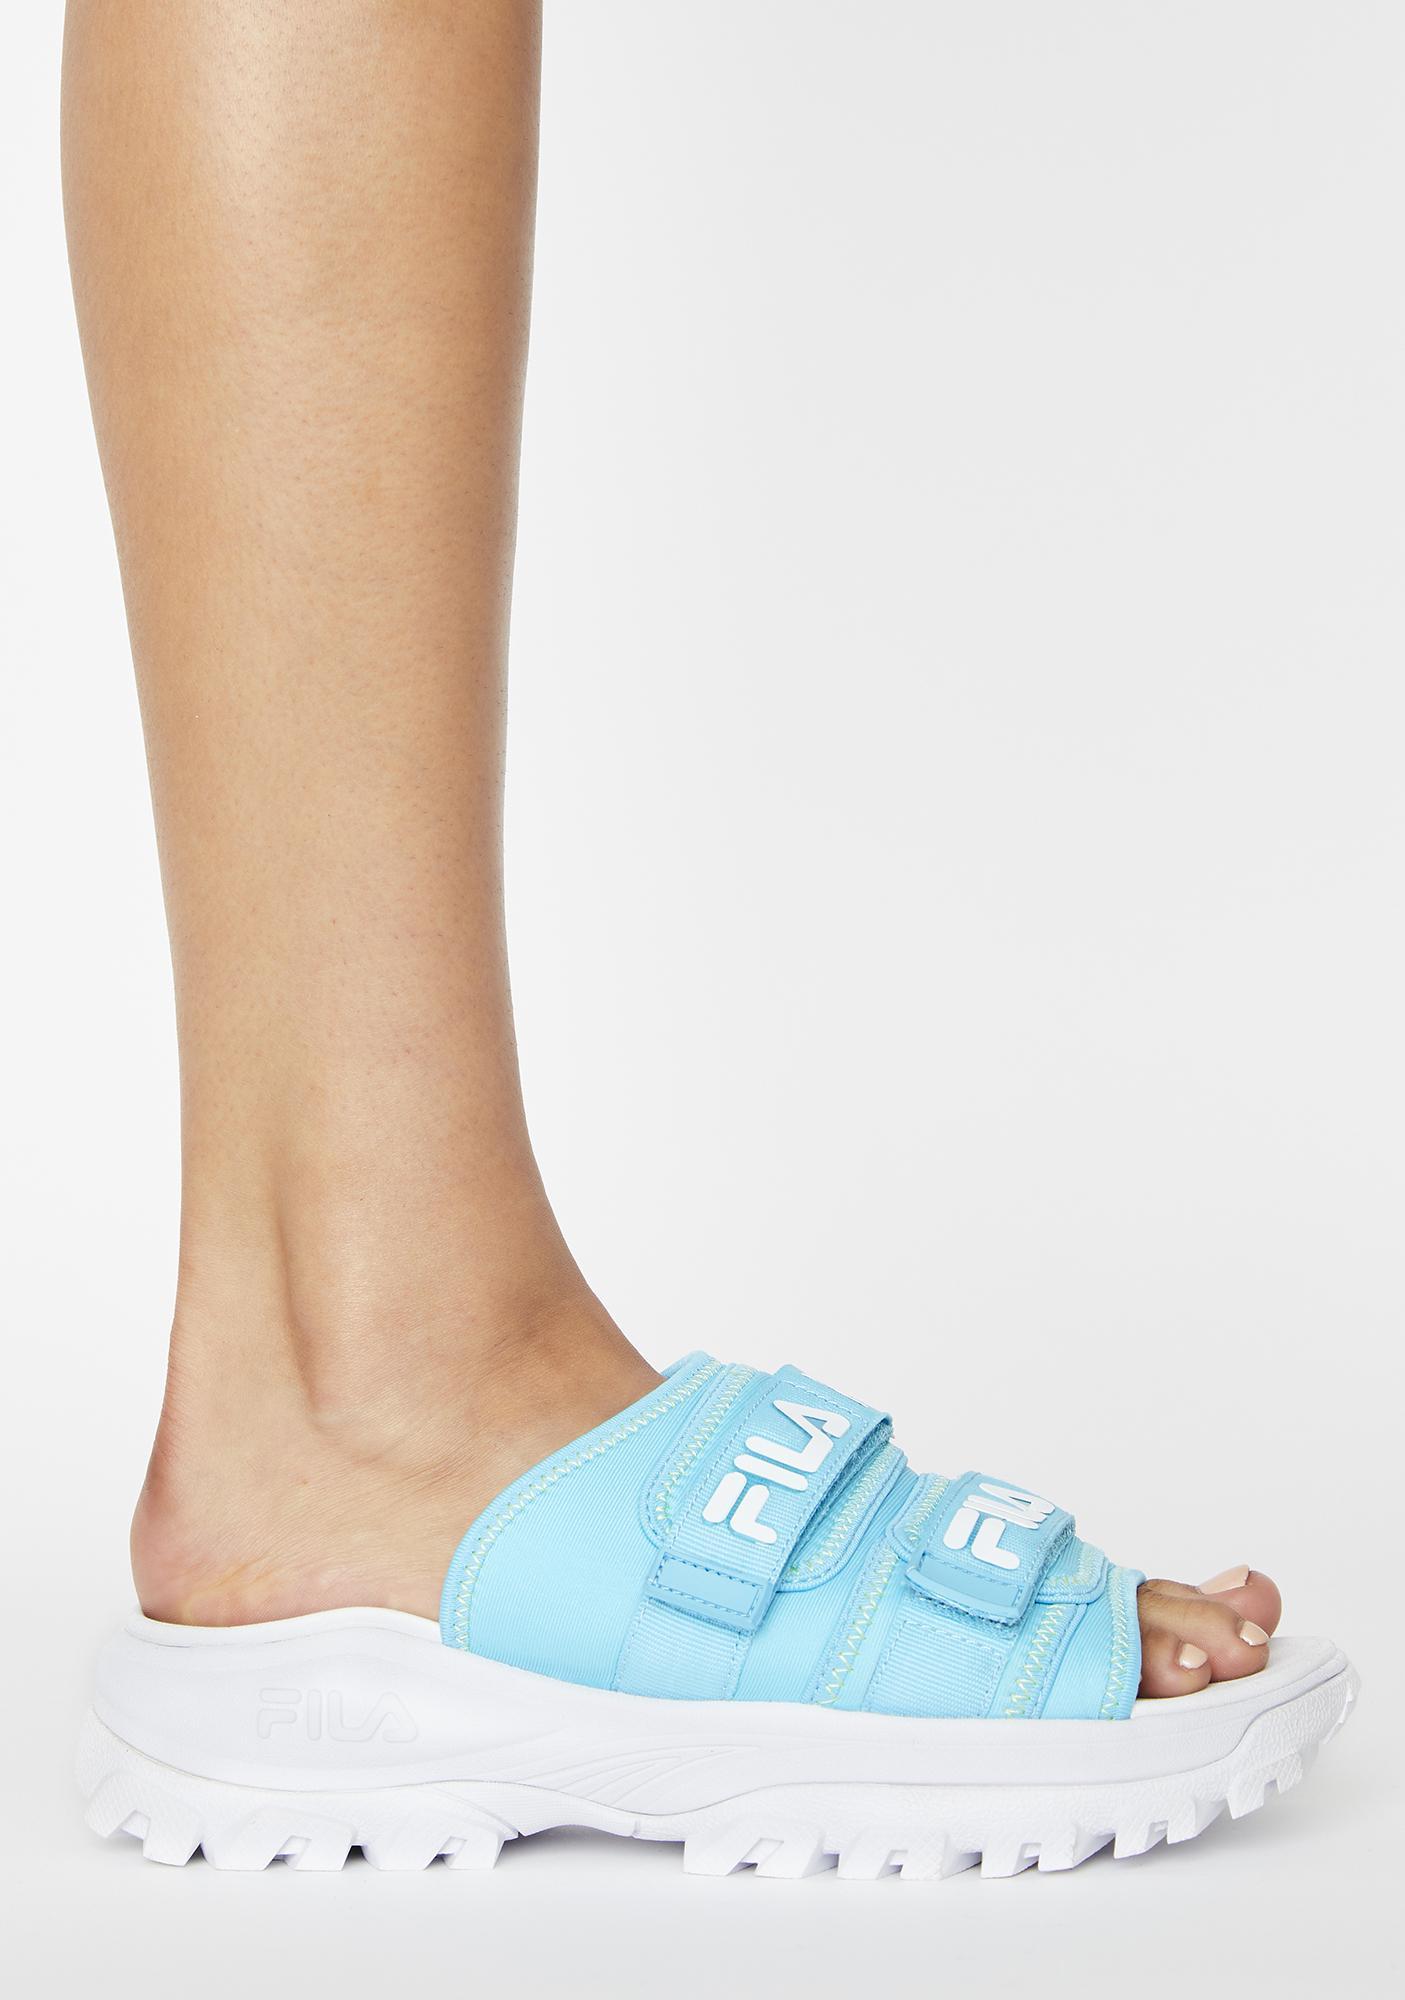 Fila Blue Outdoor Slides